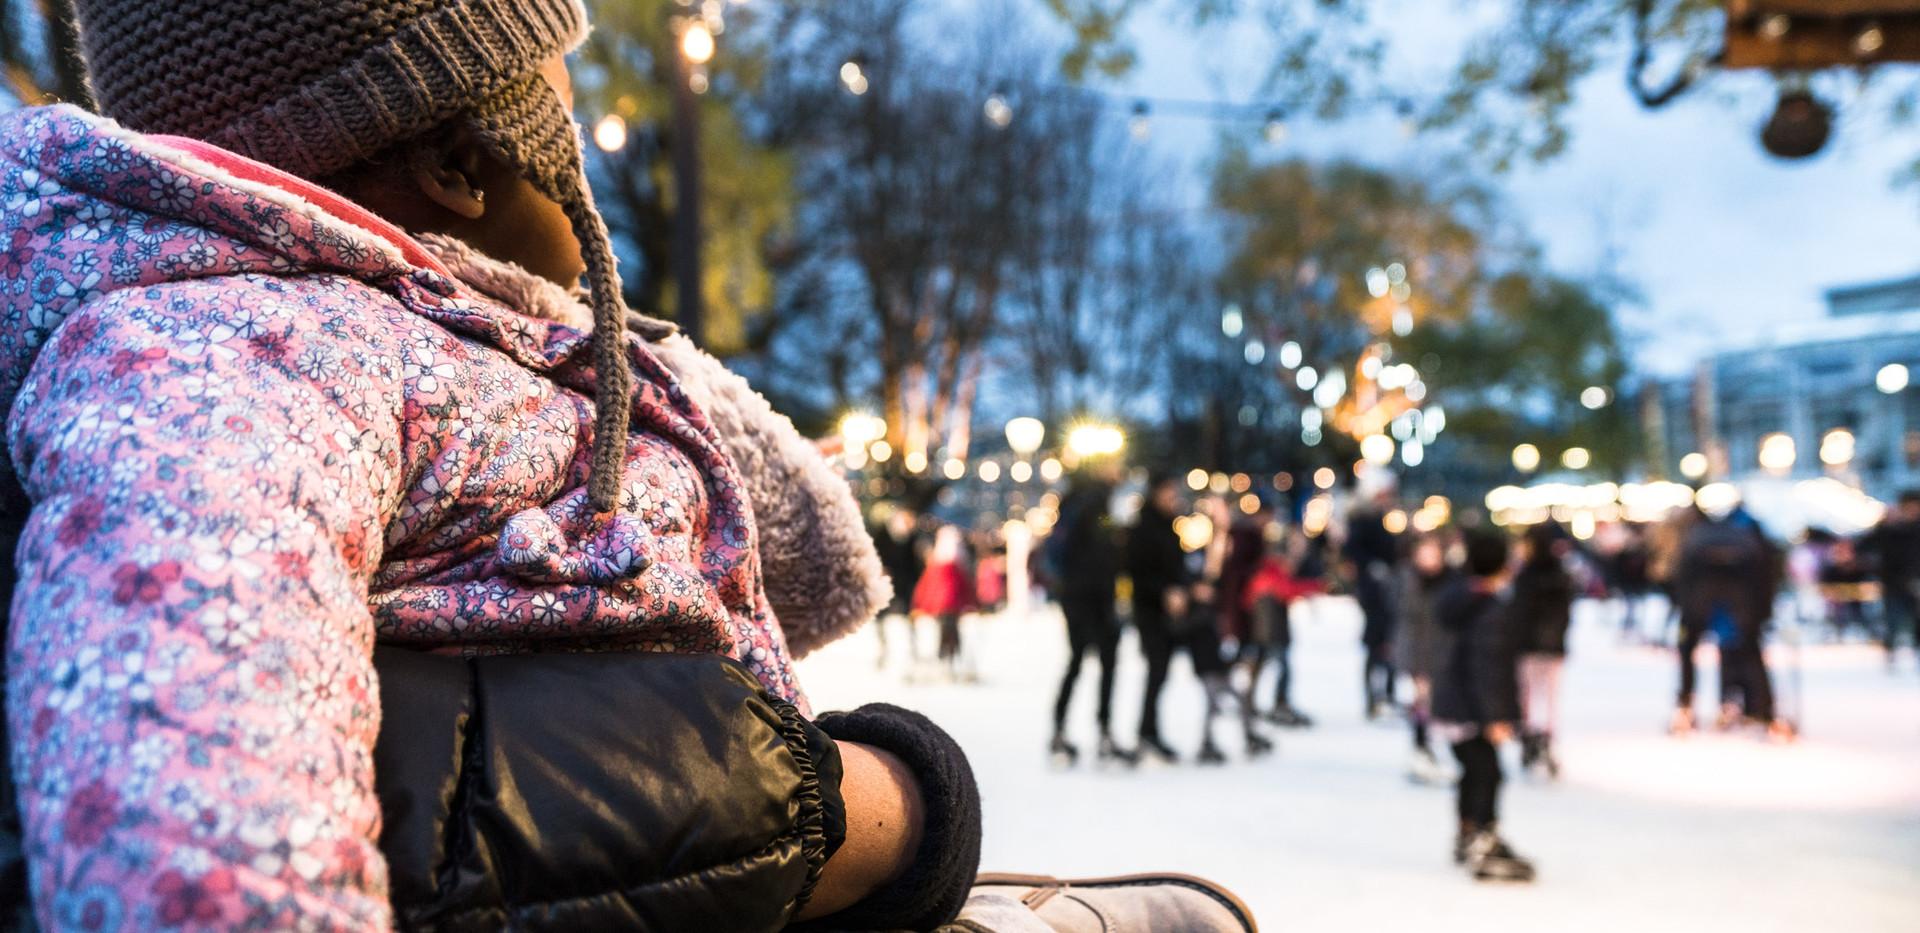 Marché de Noel 2018 - Mandat pour la Ville de Geneve